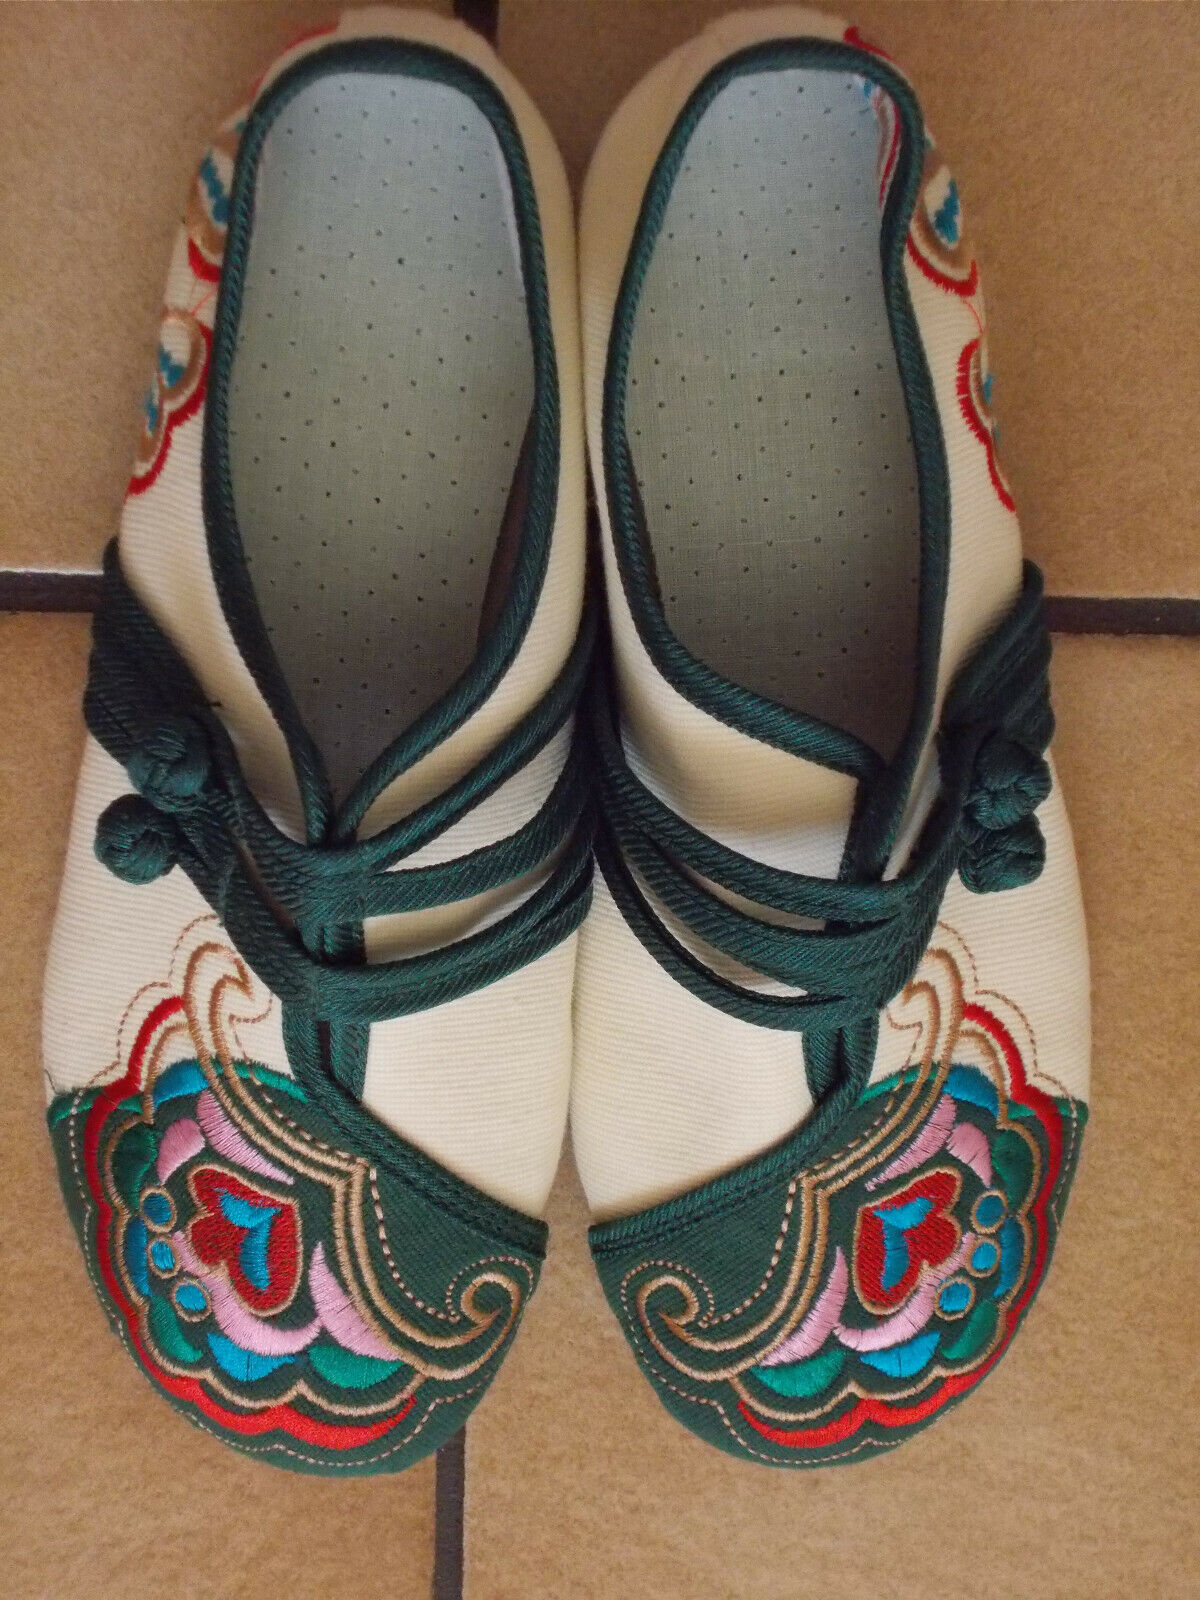 NEUE Damen Schuhe 36 / 36,5 schmal Sommer Folklore Hippie beige bunt bestickt